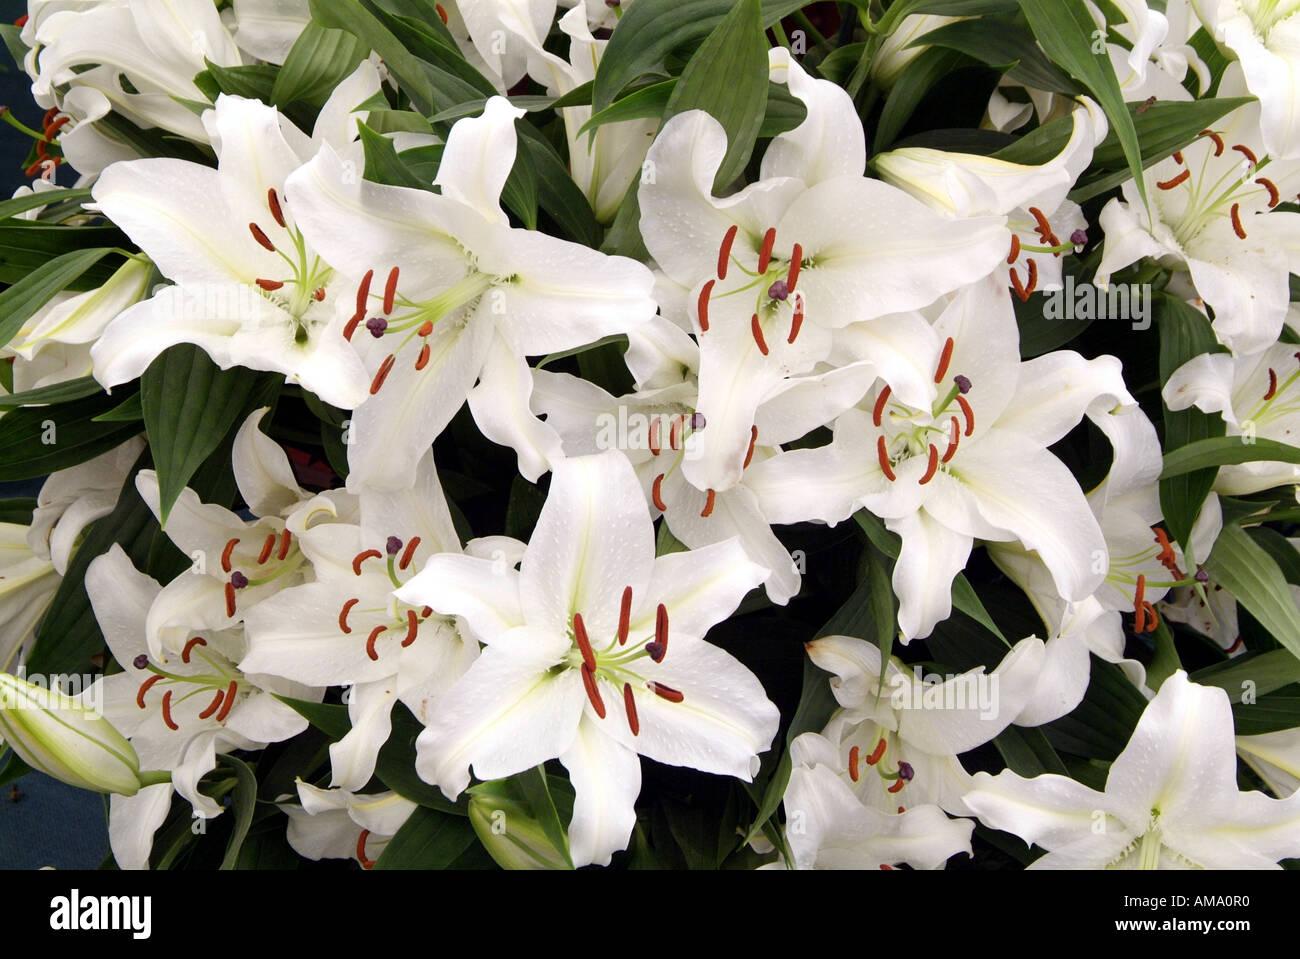 Lily white genre frontière fleurs jardin divers chef bud bunch England UK Royaume-Uni GB Grande-bretagne Union Européenne UE Banque D'Images